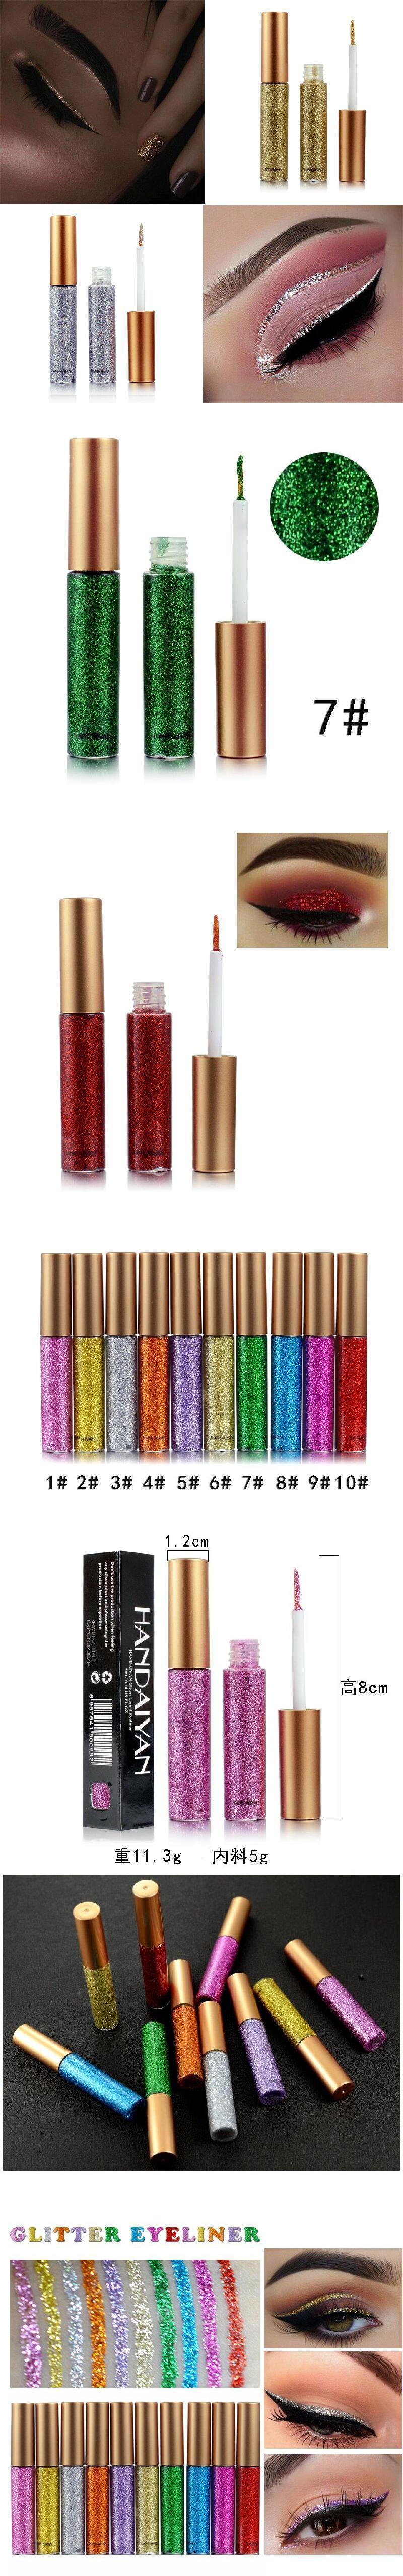 Kozmetik makyaj doğal su geçirmez mat renk sıvı göz kalemi su aktif eyeliner